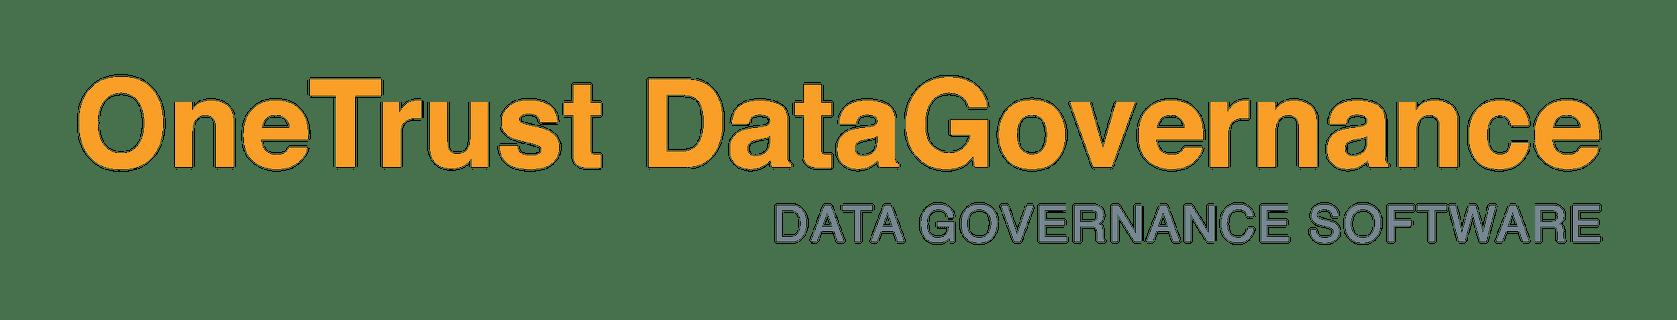 Onetrust DataGovernance gobernanza de datos